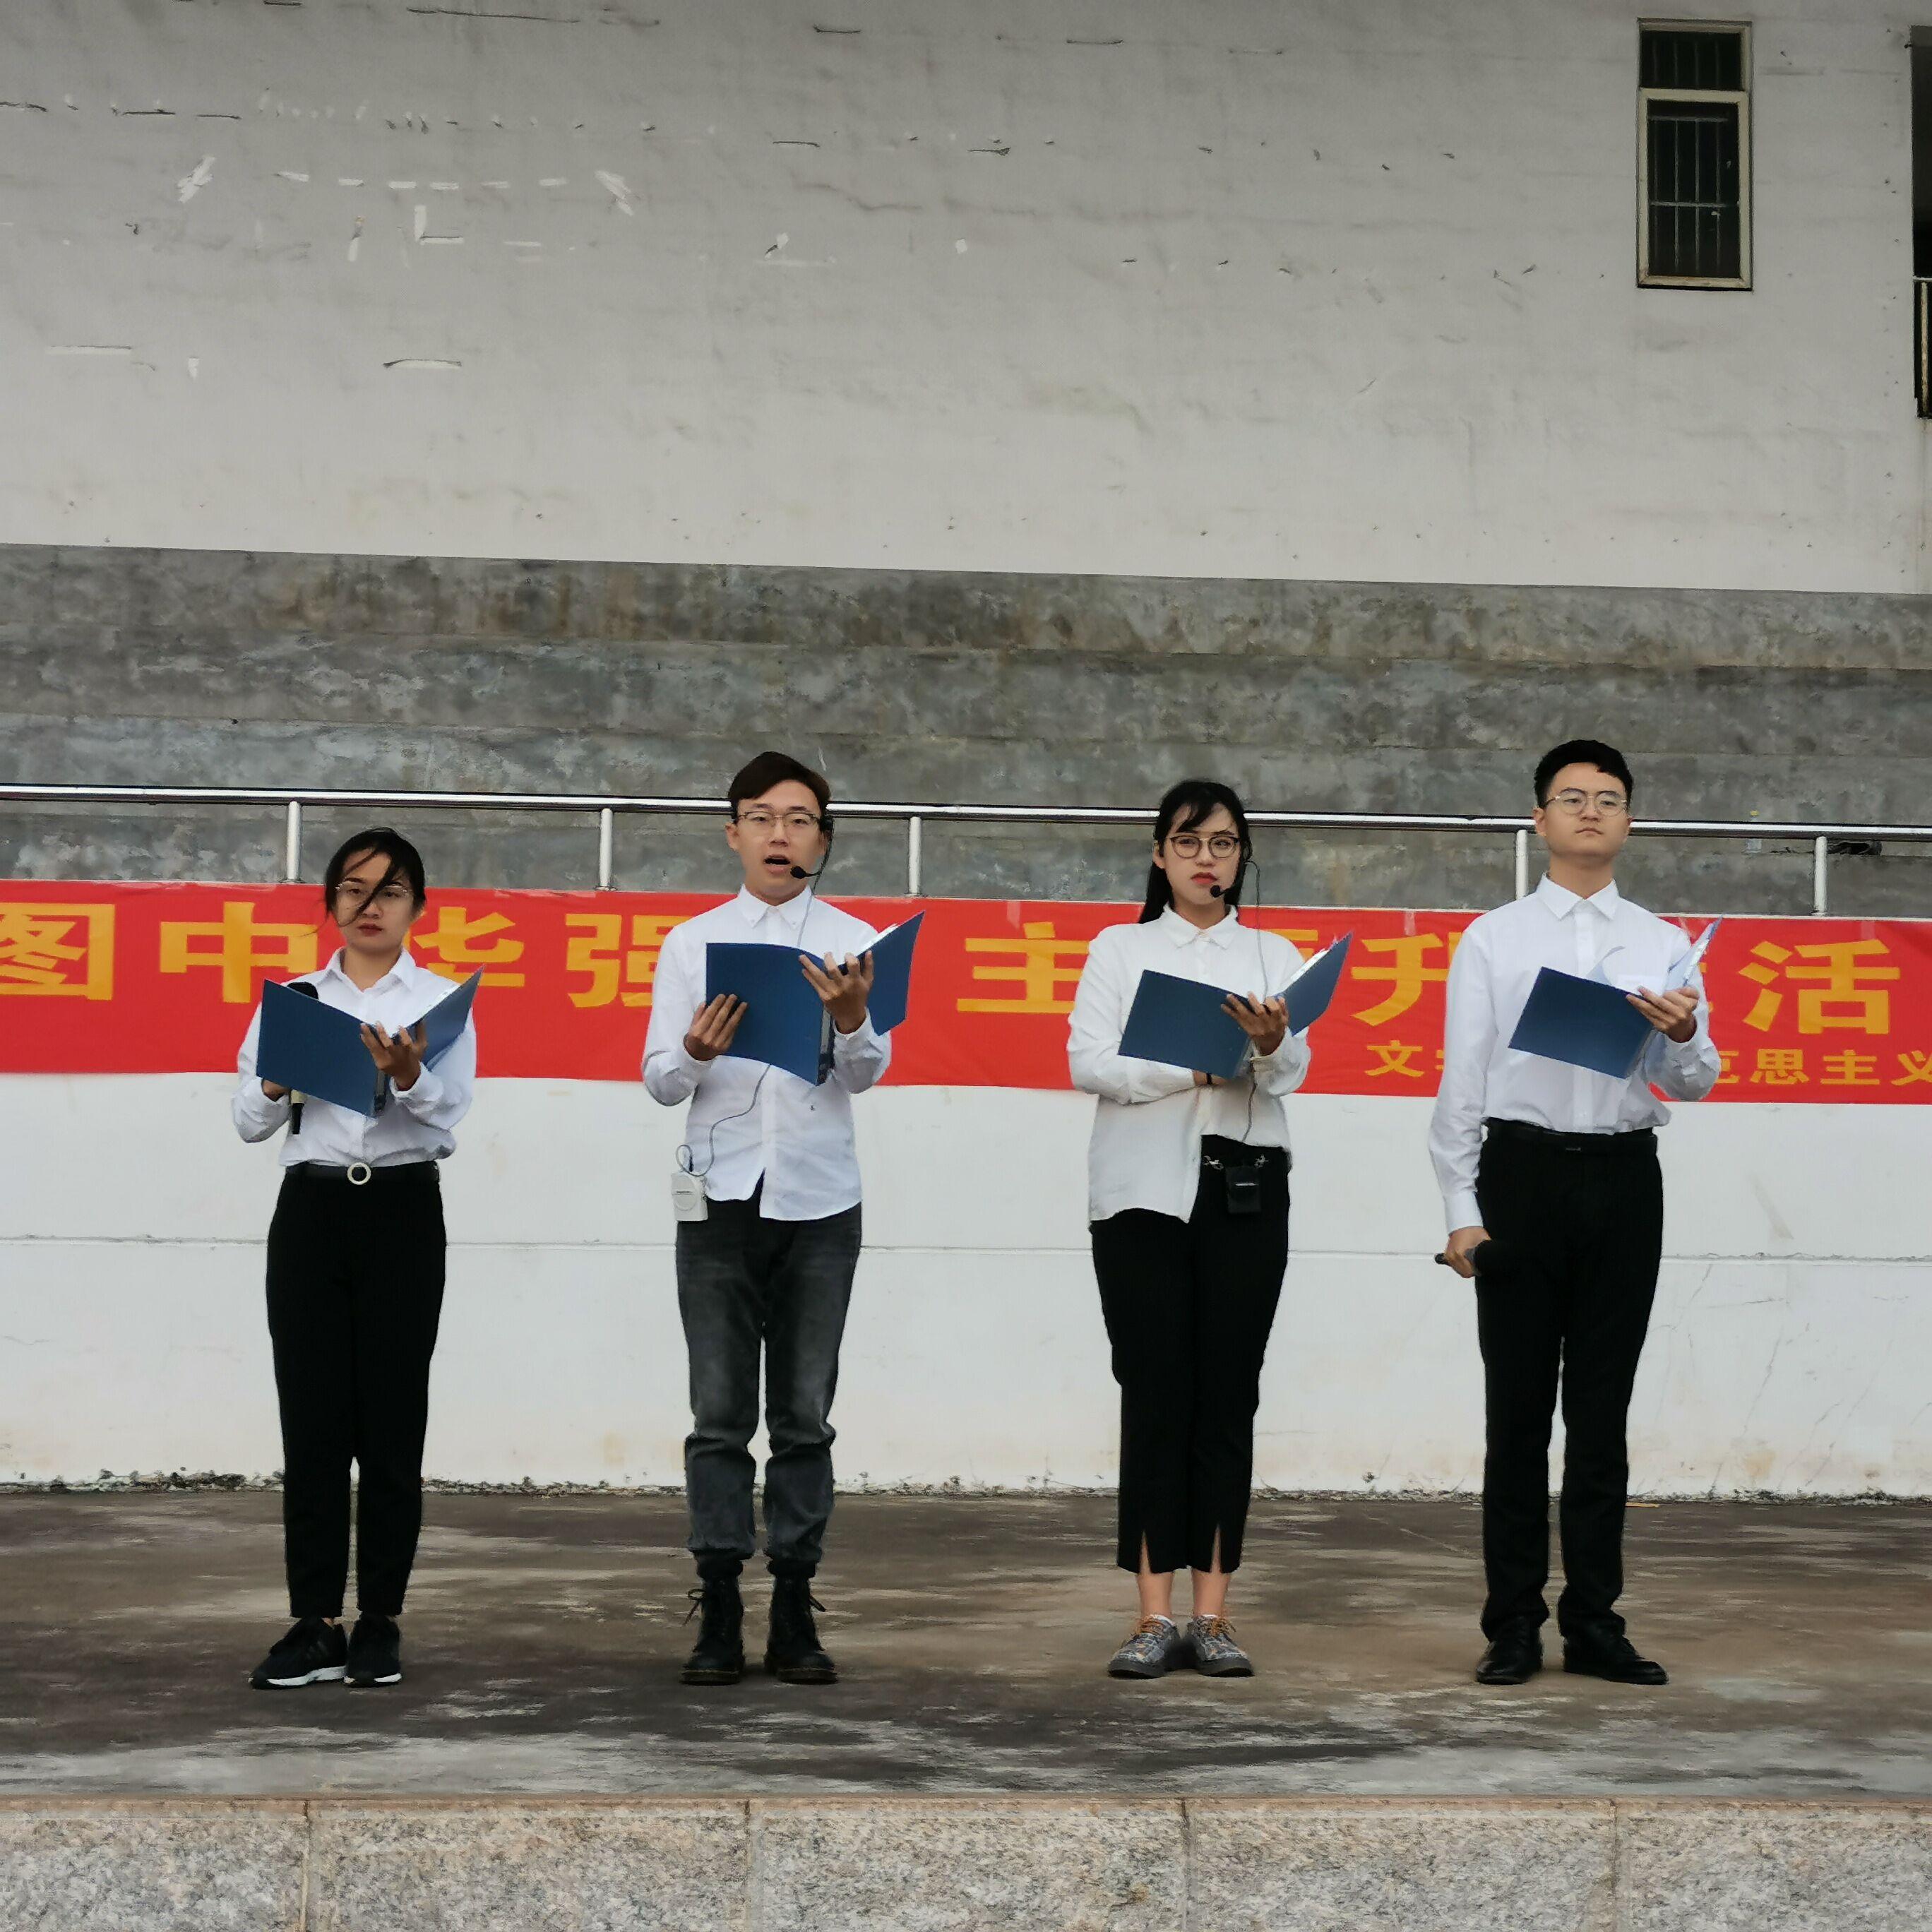 青年之声・勿忘一二九 共筑中国强――记马克思主义学院文学院共同举办主题升旗仪式